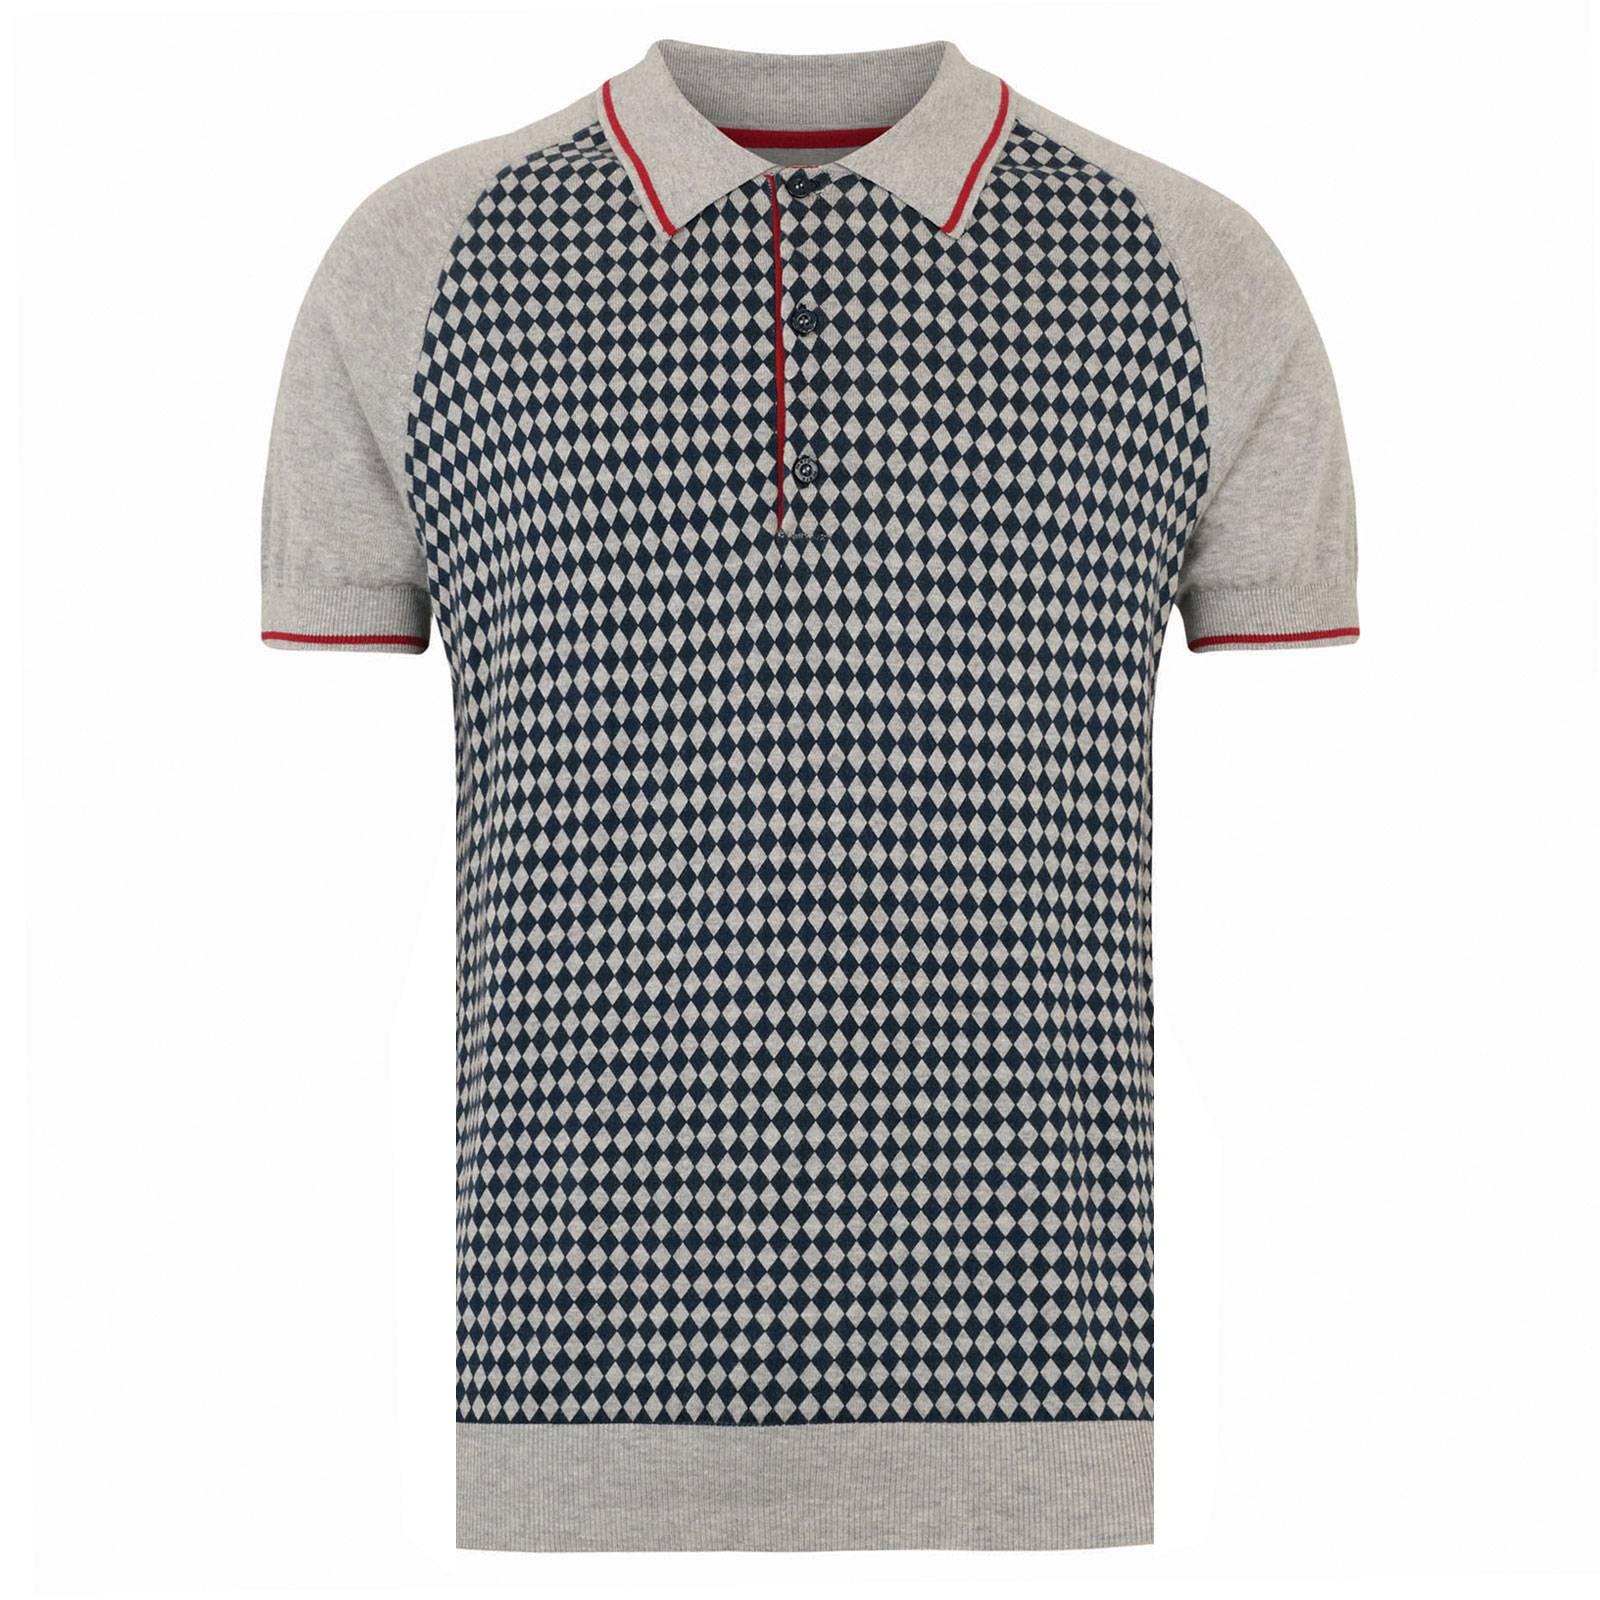 Рубашка Поло LeaderПоло<br>Мужское поло приталенного покроя из высококачественного тонкого трикотажного материала в репсовой технике переплетения. &amp;lt;br /&amp;gt;<br>&amp;lt;br /&amp;gt;<br>Классический двухцветный ромбовый узор &amp;amp;quot;Harlequin&amp;amp;quot;, красиво венчаемый на плечах закругленными швами рукавов реглан, подчеркивает благородный, выдержанный стиль этой модели.&amp;lt;br /&amp;gt;<br>&amp;lt;br /&amp;gt;<br>Манжеты и низ изделия выполнены эластичной резинкой, обеспечивающей облегающую посадку по фигуре. Воротник и манжеты украшены однострочным красным кантом, сочетающимся с аналогичного цвета внутренней отделкой планки для пуговиц.<br><br>Артикул: 1613105<br>Материал: 100% хлопок<br>Цвет: серый в синий ромб<br>Пол: Мужской